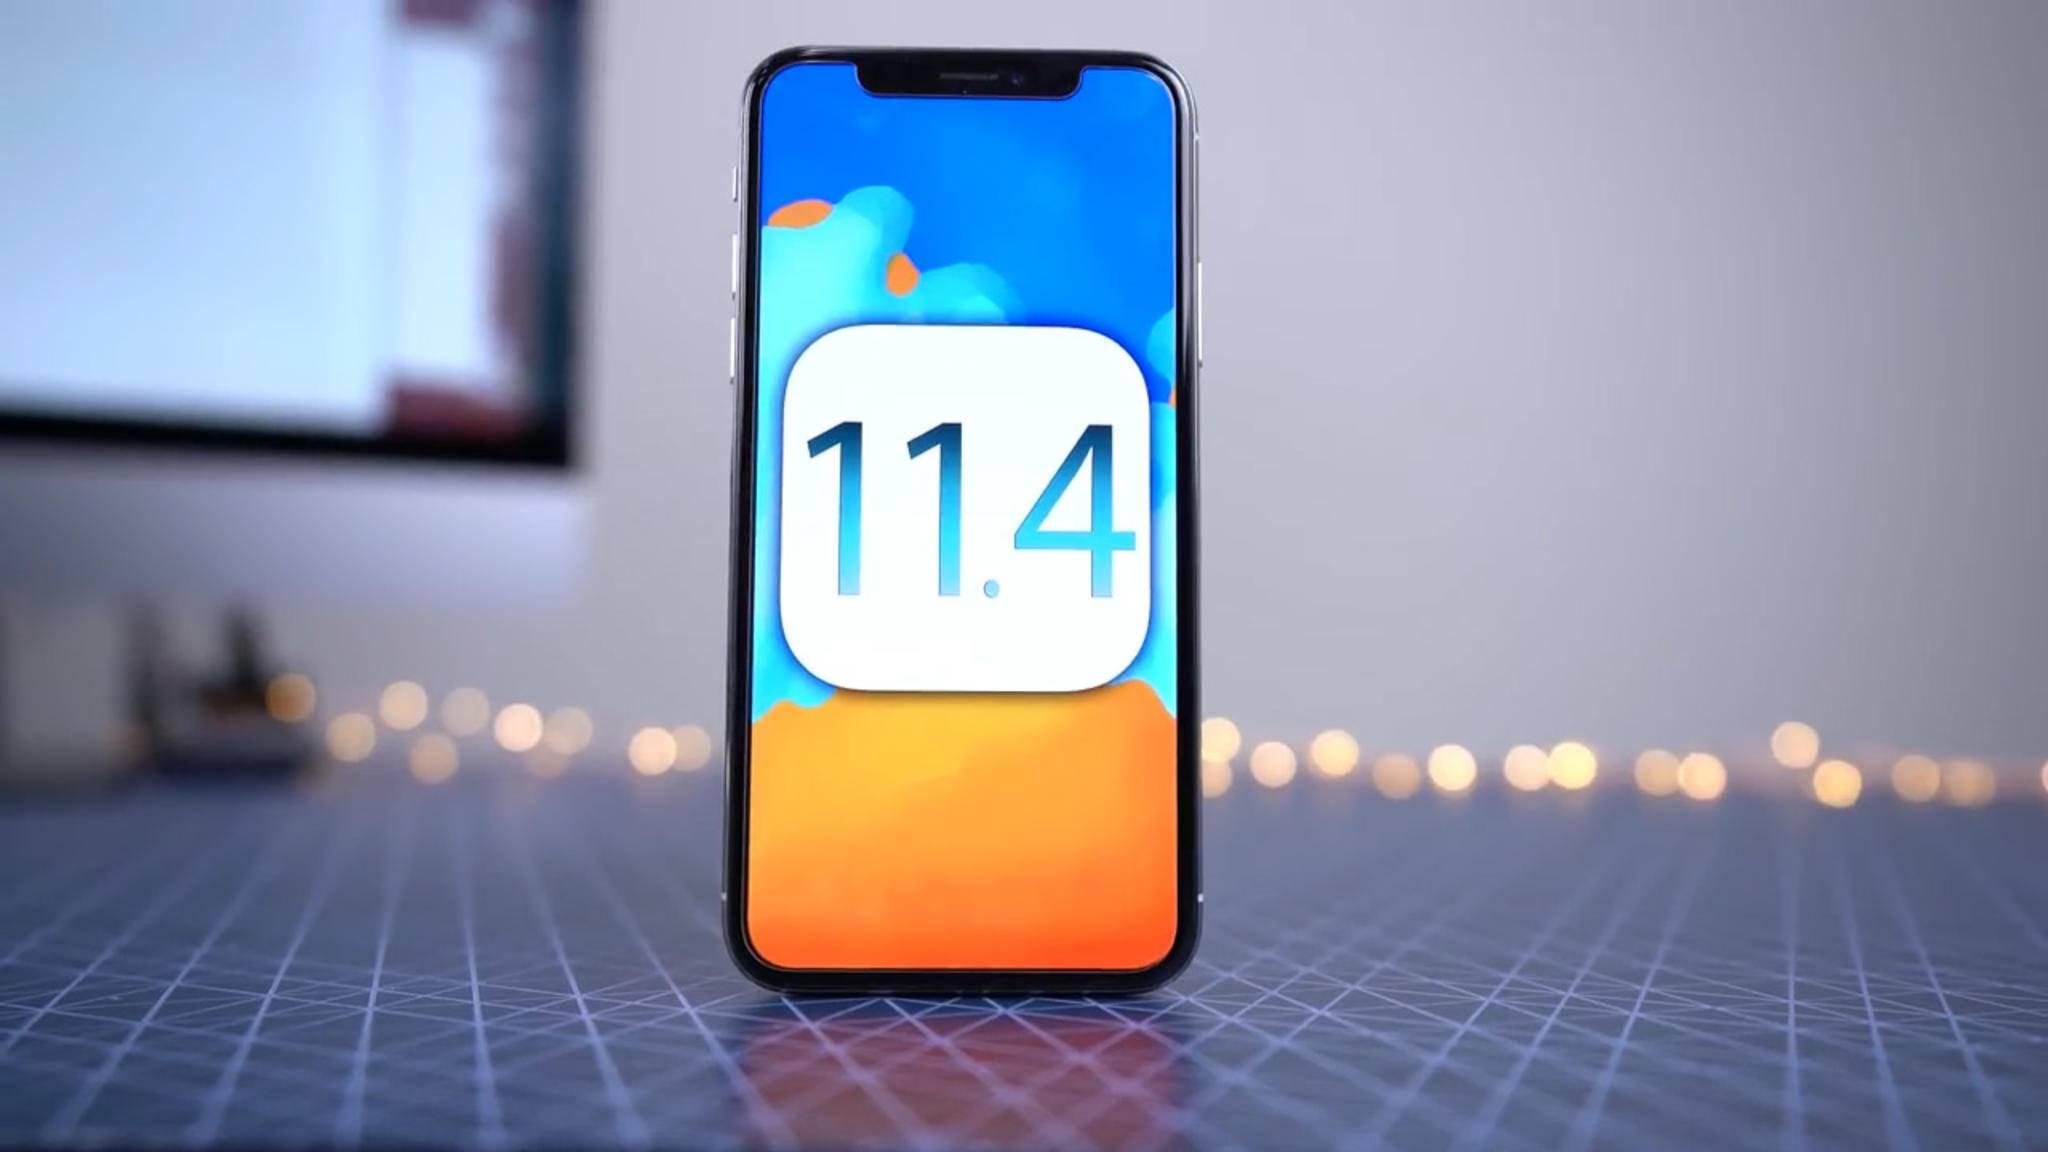 Unter iOS 11.4 könnte der Lightning-Anschluss automatisch gesperrt werden, wenn das iPhone eine Woche lang nicht entsperrt wurde.